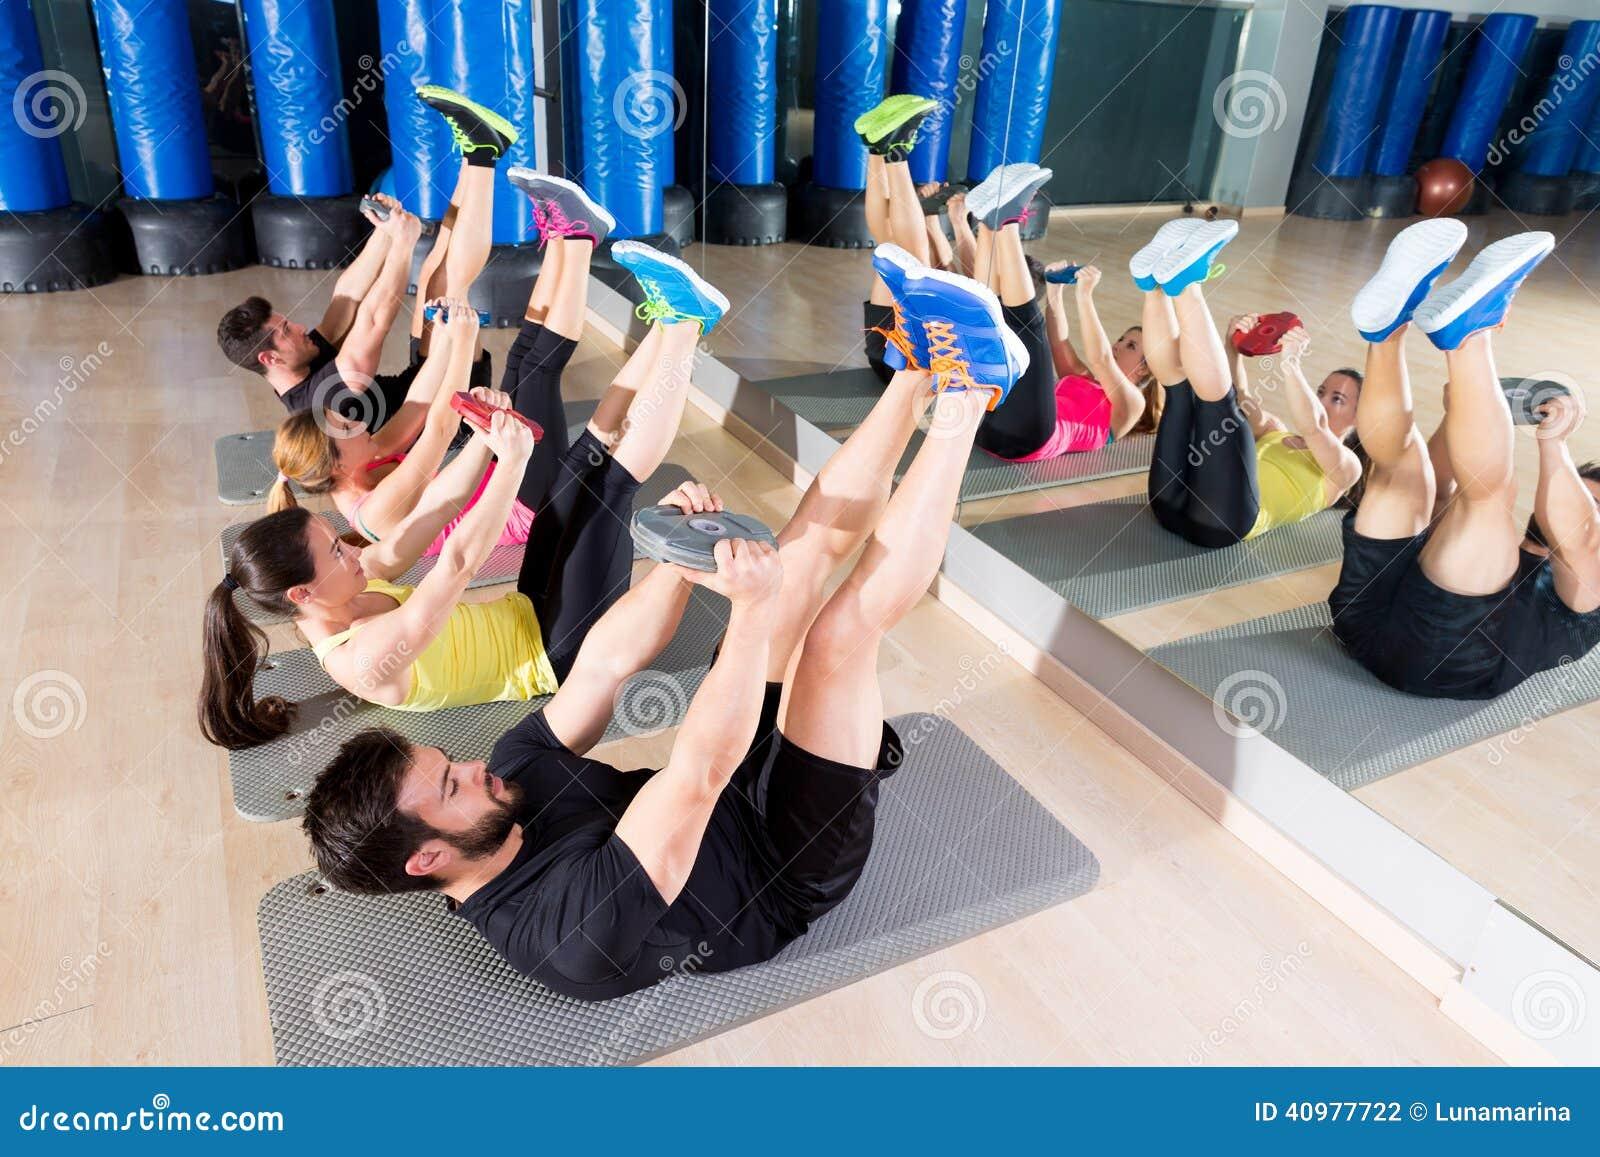 Circuito Gym : Tiro blanco y negro de la gente en el entrenamiento del circuito